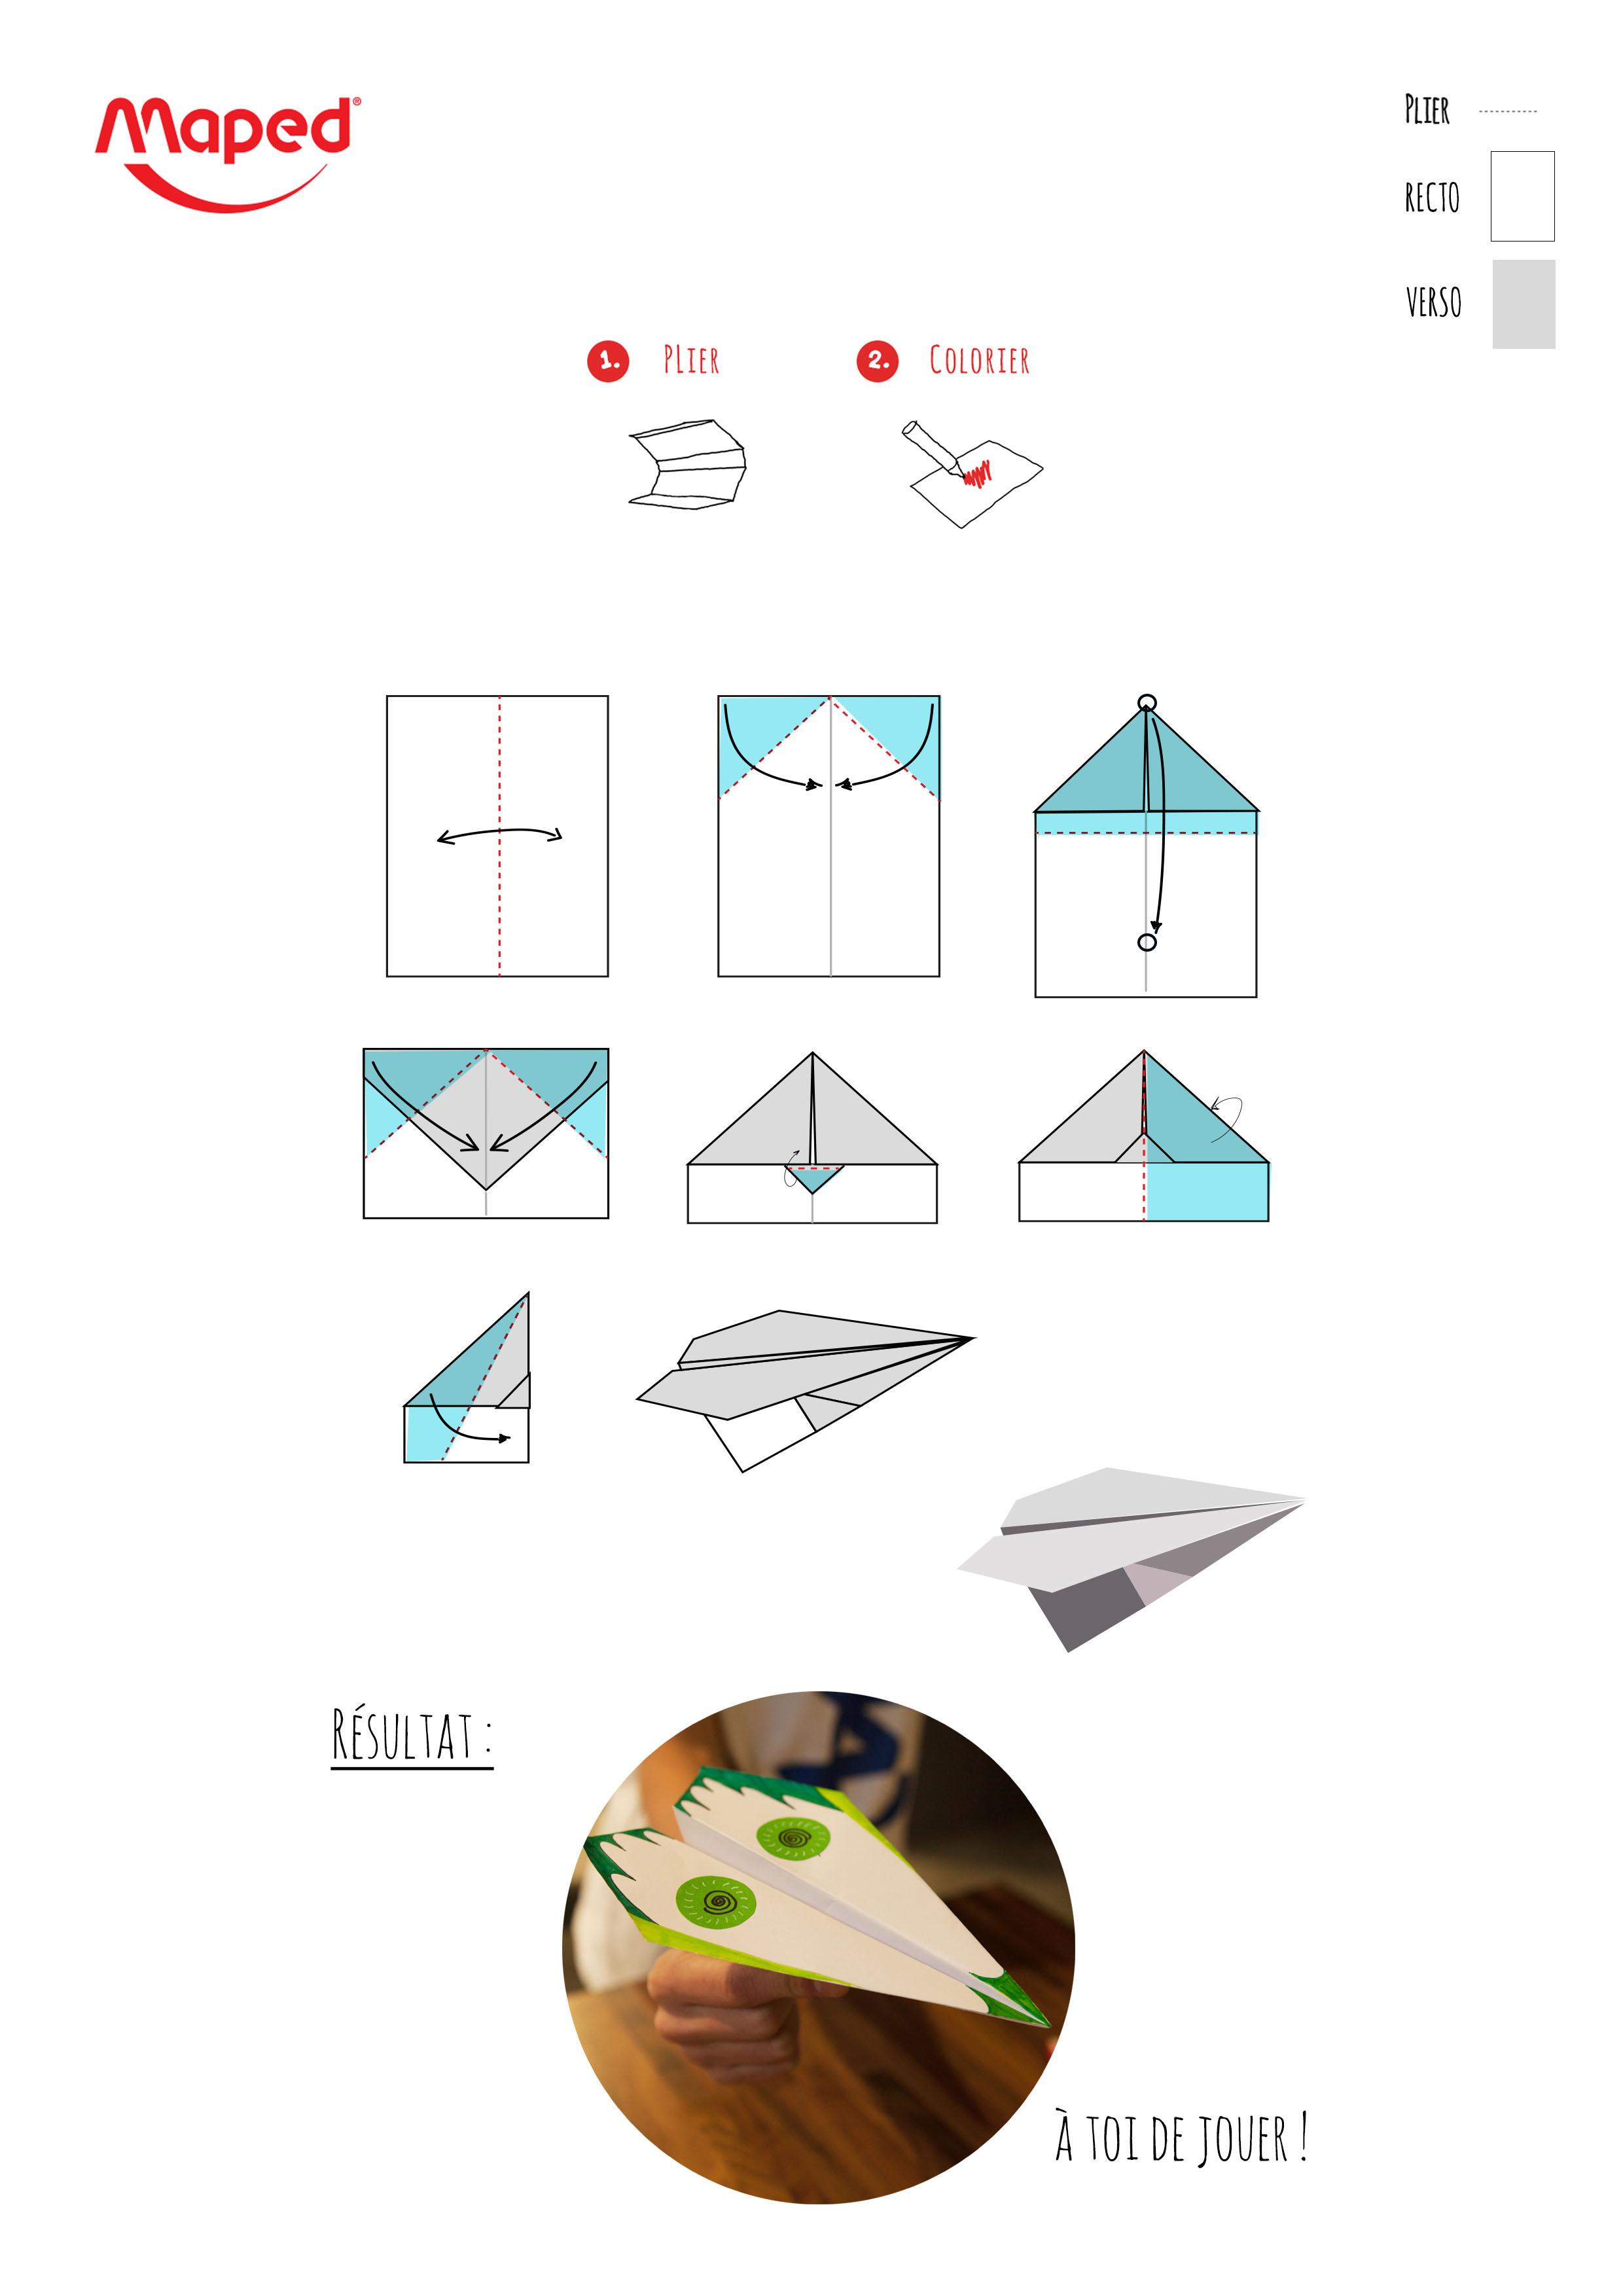 comment faire un avion en papier. Black Bedroom Furniture Sets. Home Design Ideas